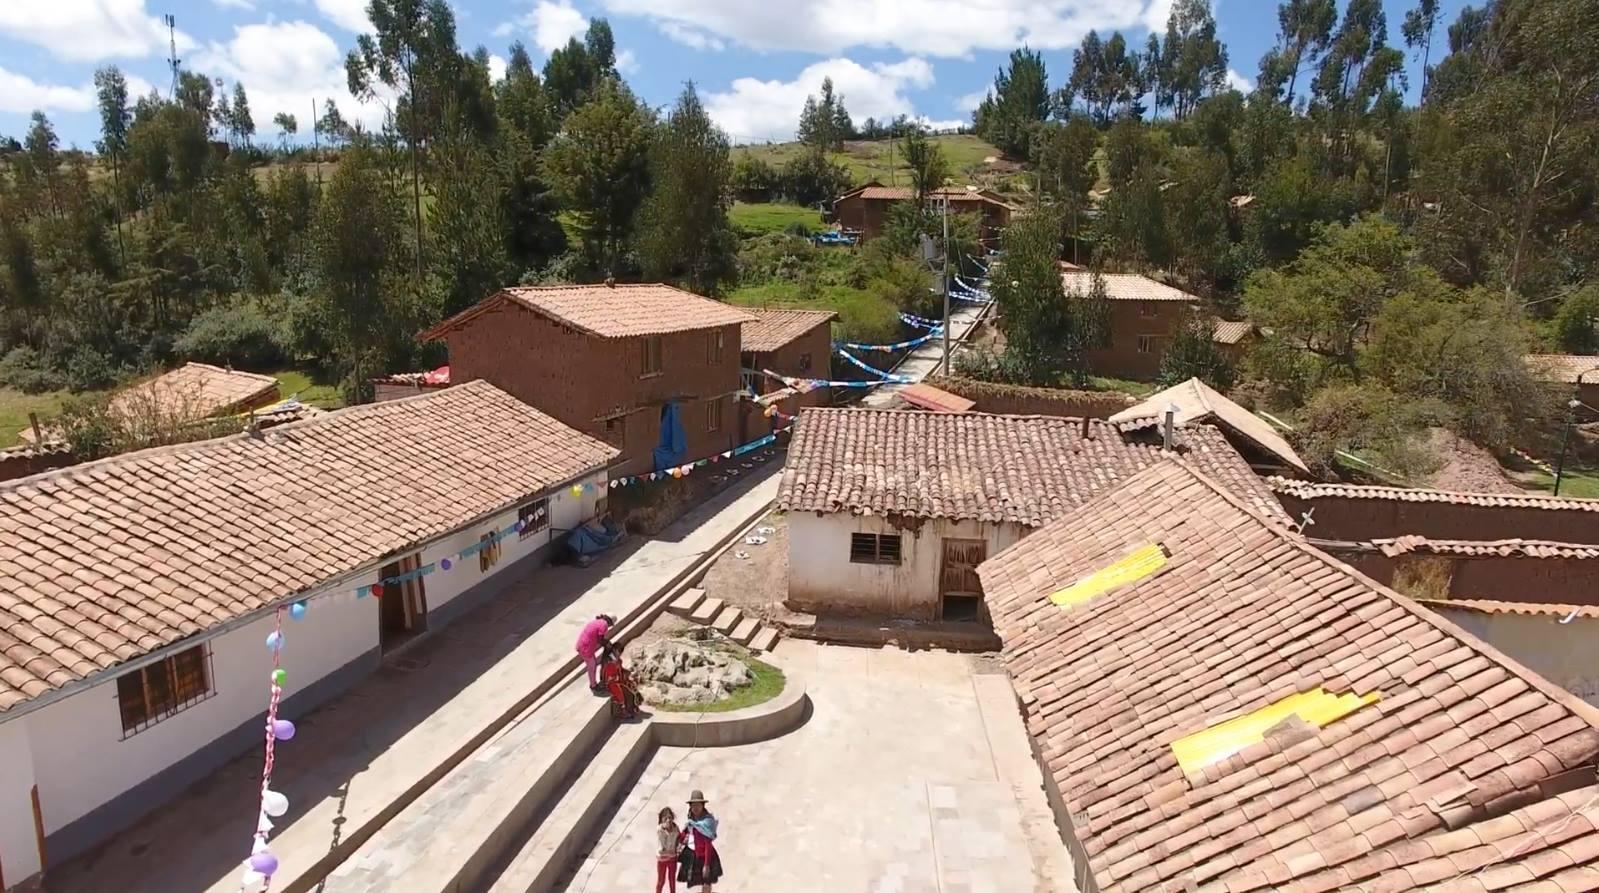 MUNICIPALIDAD DEL CUSCO ENTREGA OBRA DE MEJORAMIENTO PEATONAL EN EL CENTRO POBLADO DE TAMBOMACHAY CON UNA INVERSIÓN APROXIMADA DE UN MILLÓN DE SOLES.